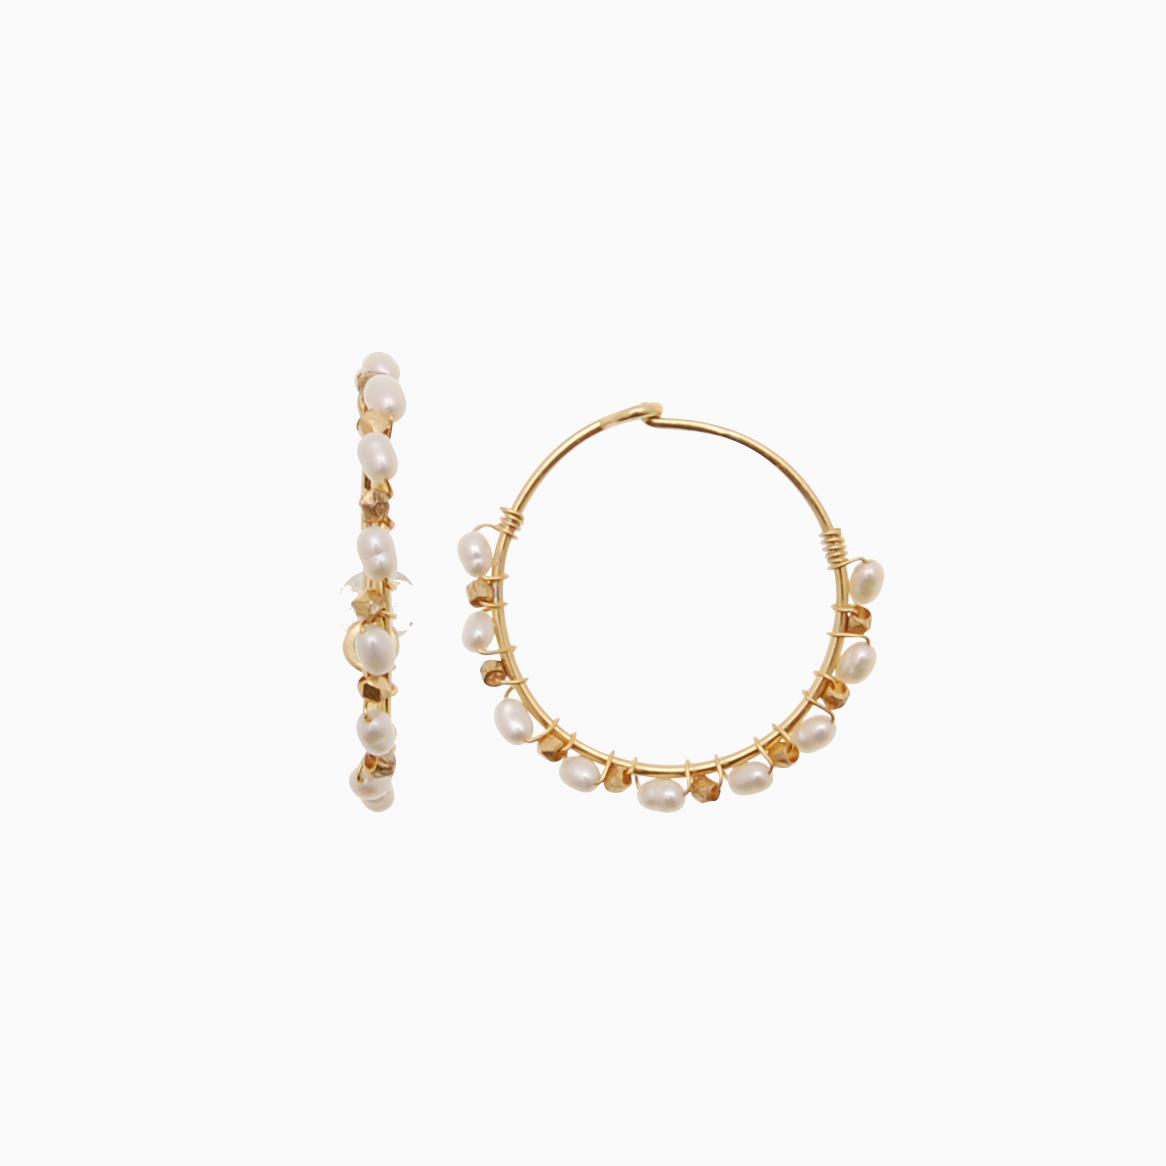 Runde creol øreringe med perler, hvid | no. 772 – DESVÆRRE UDSOLGT